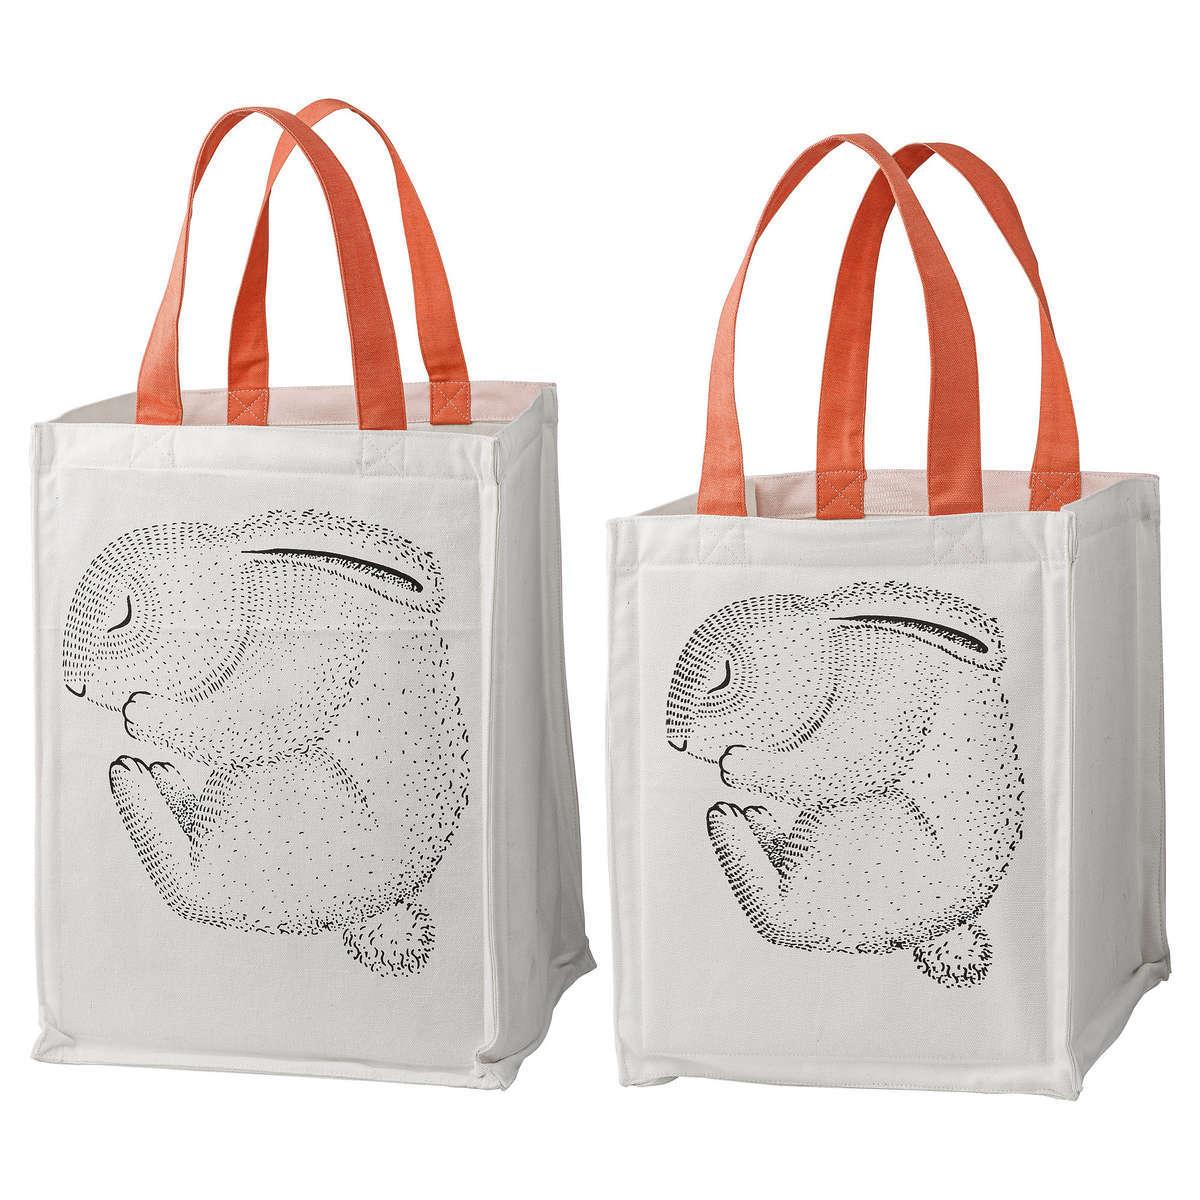 bloomingville lot de 2 sacs de rangement lapin rangement jouet bloomingville sur l 39 armoire. Black Bedroom Furniture Sets. Home Design Ideas